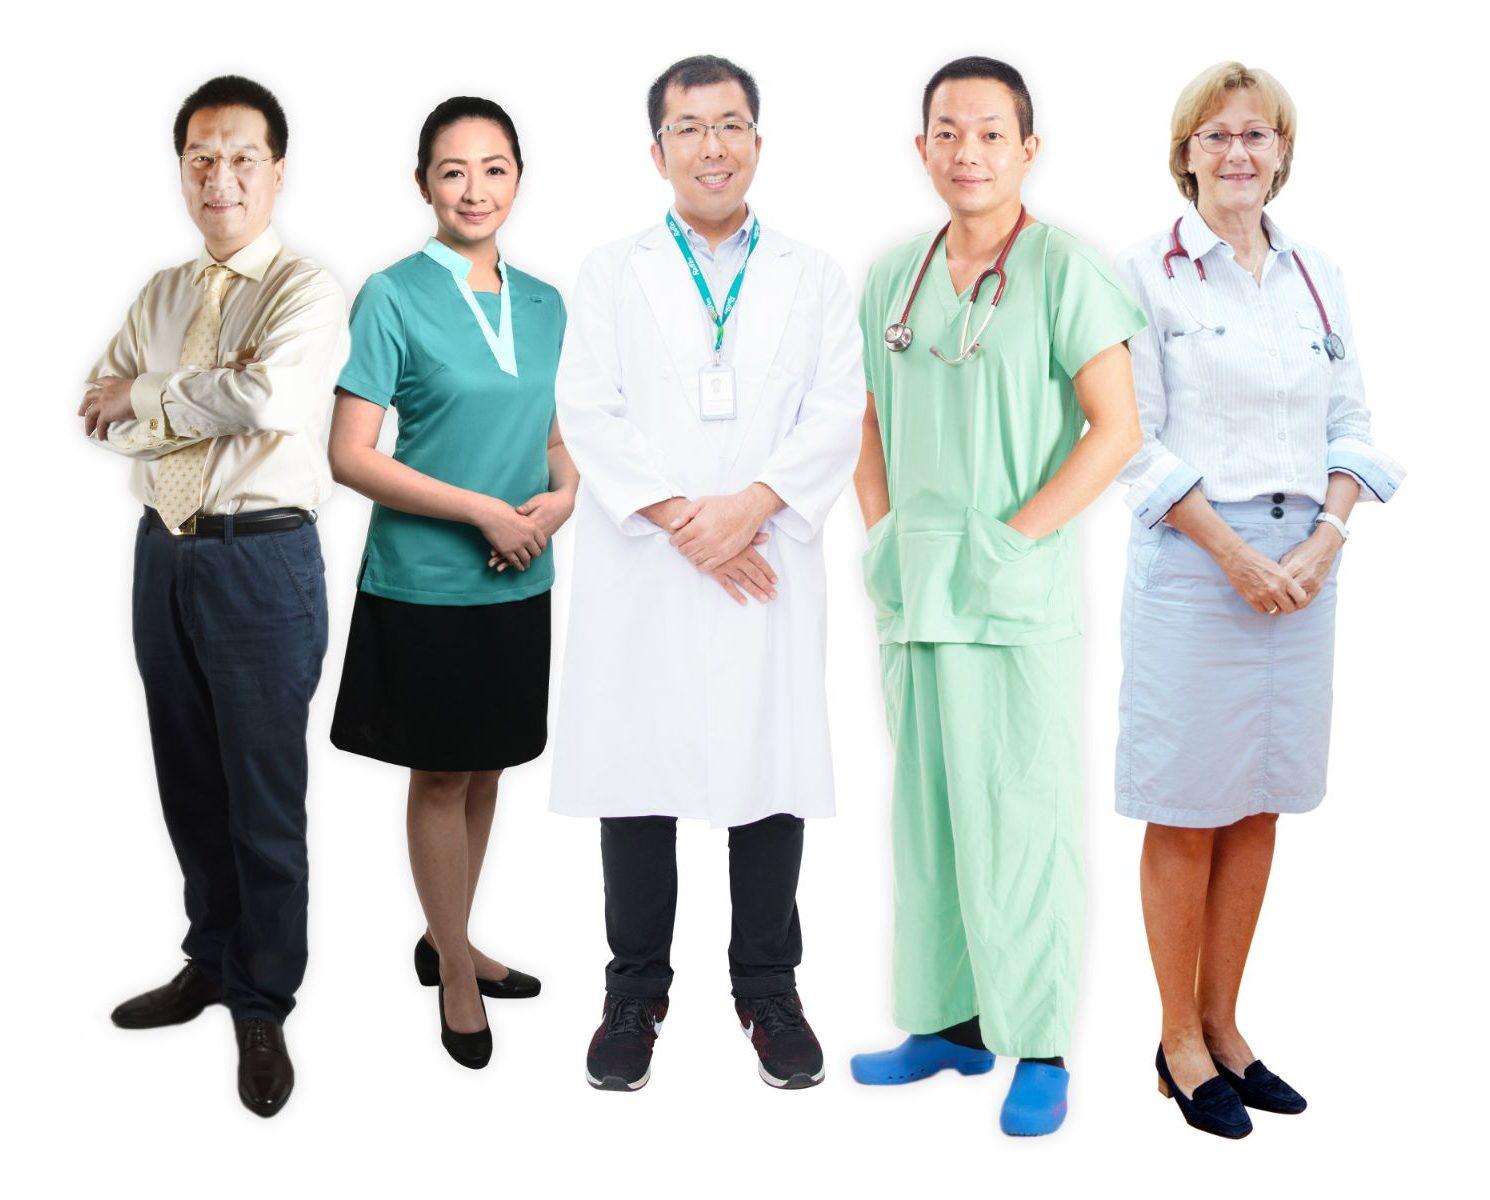 ハノイクリニックでは小児科専門医師を募集しています